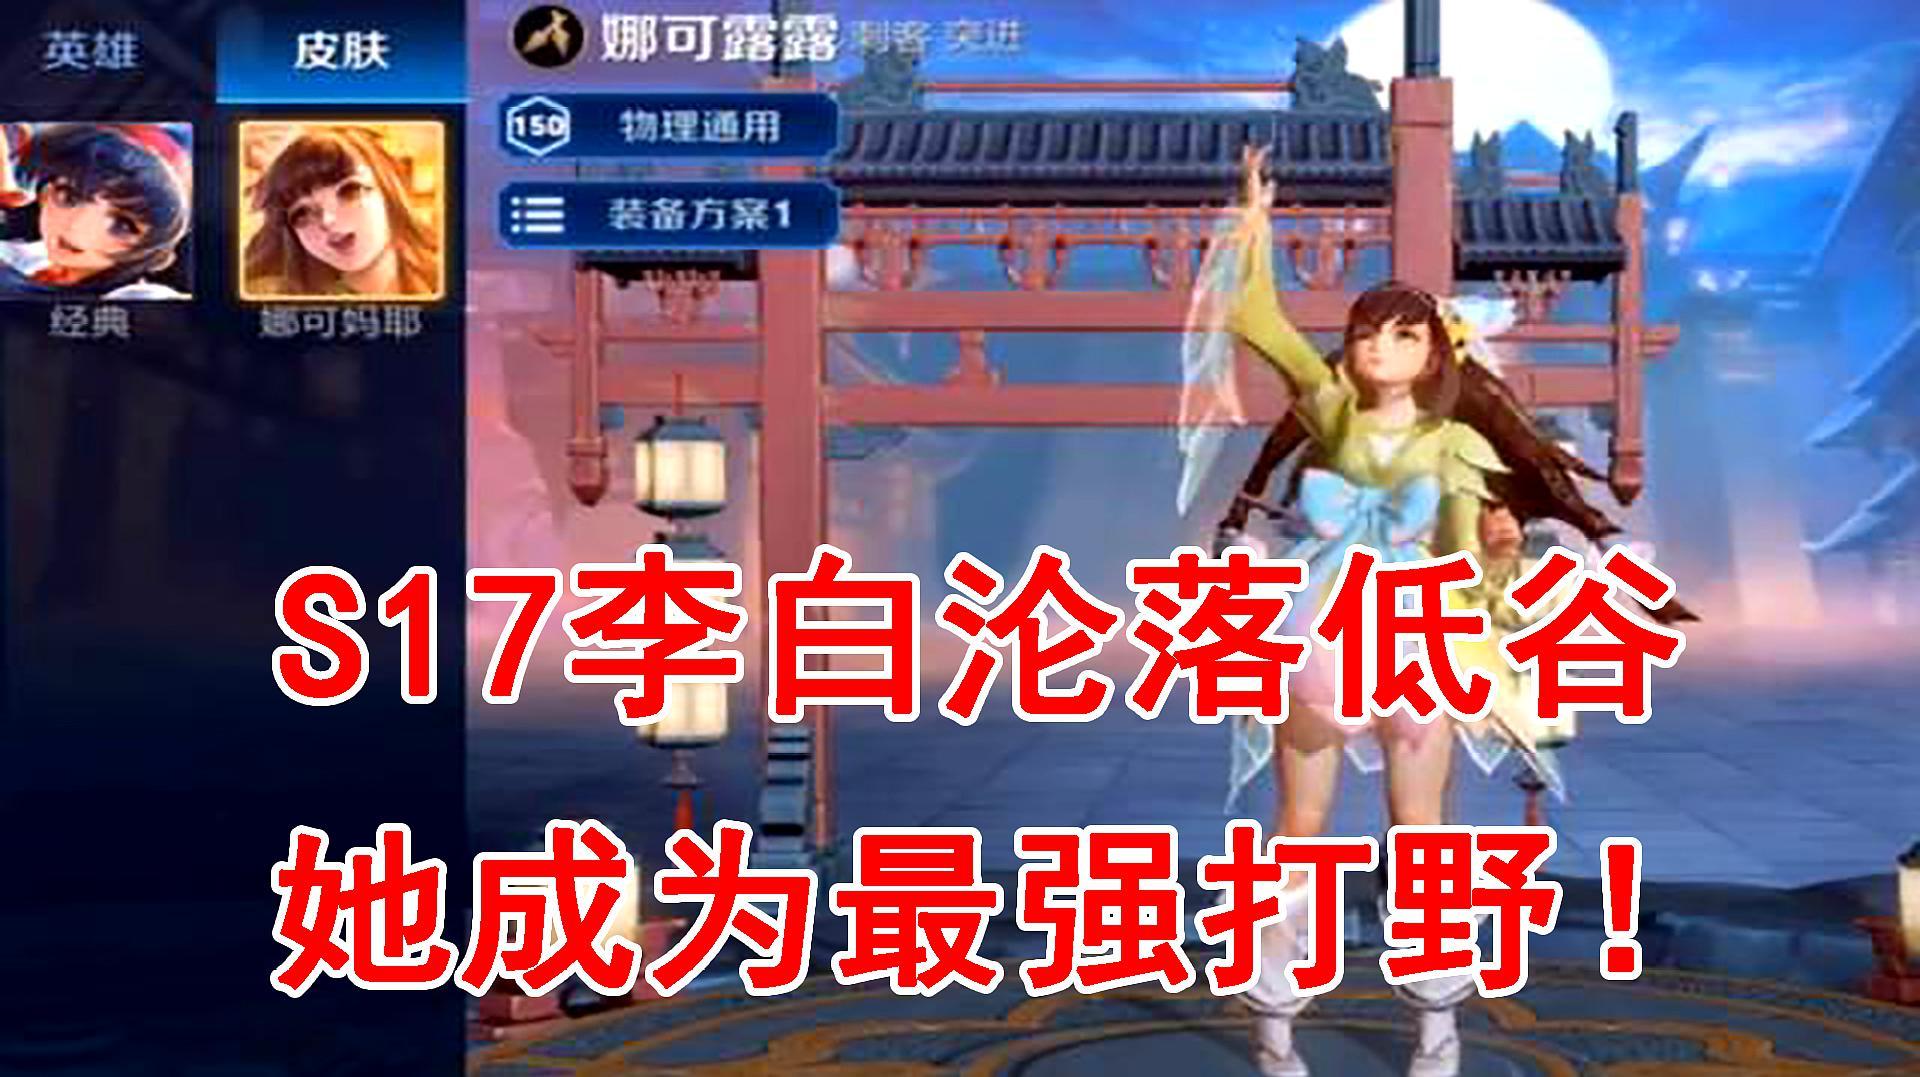 王者荣耀:赛季更新后,玩家测试打野强度,她将成为最强打野!